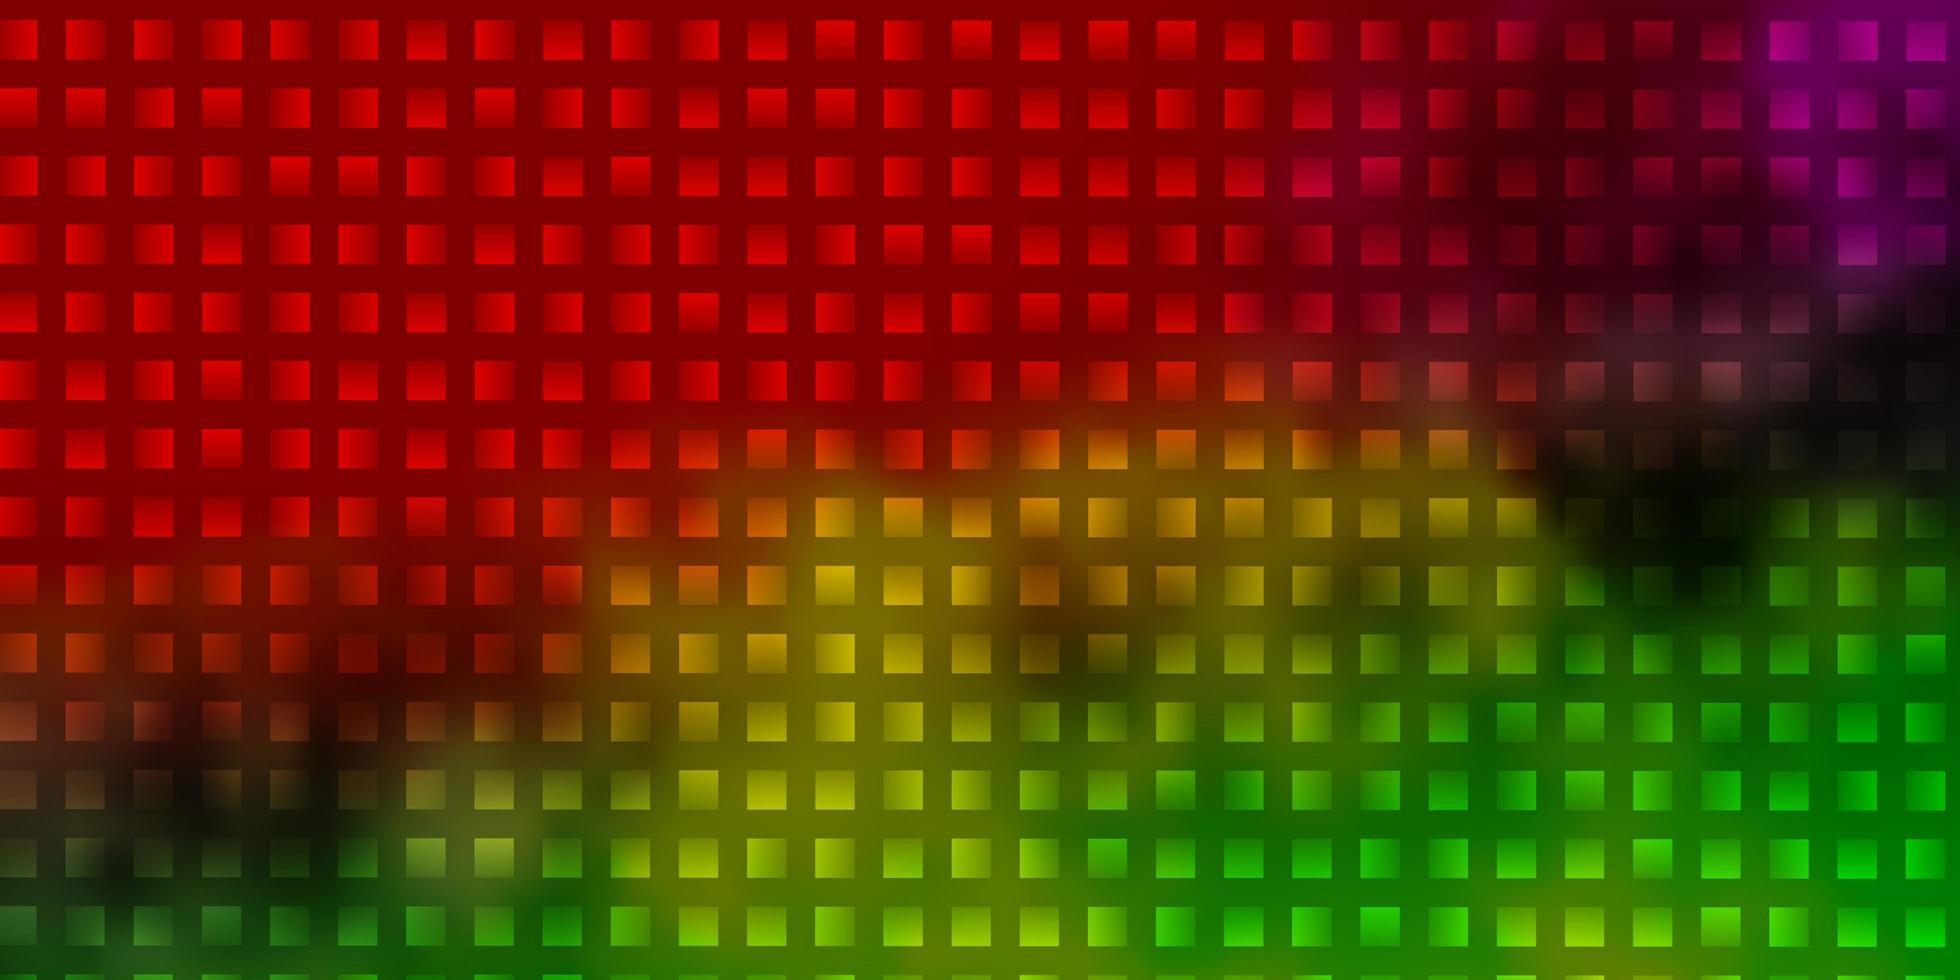 licht veelkleurige vector sjabloon met rechthoeken.